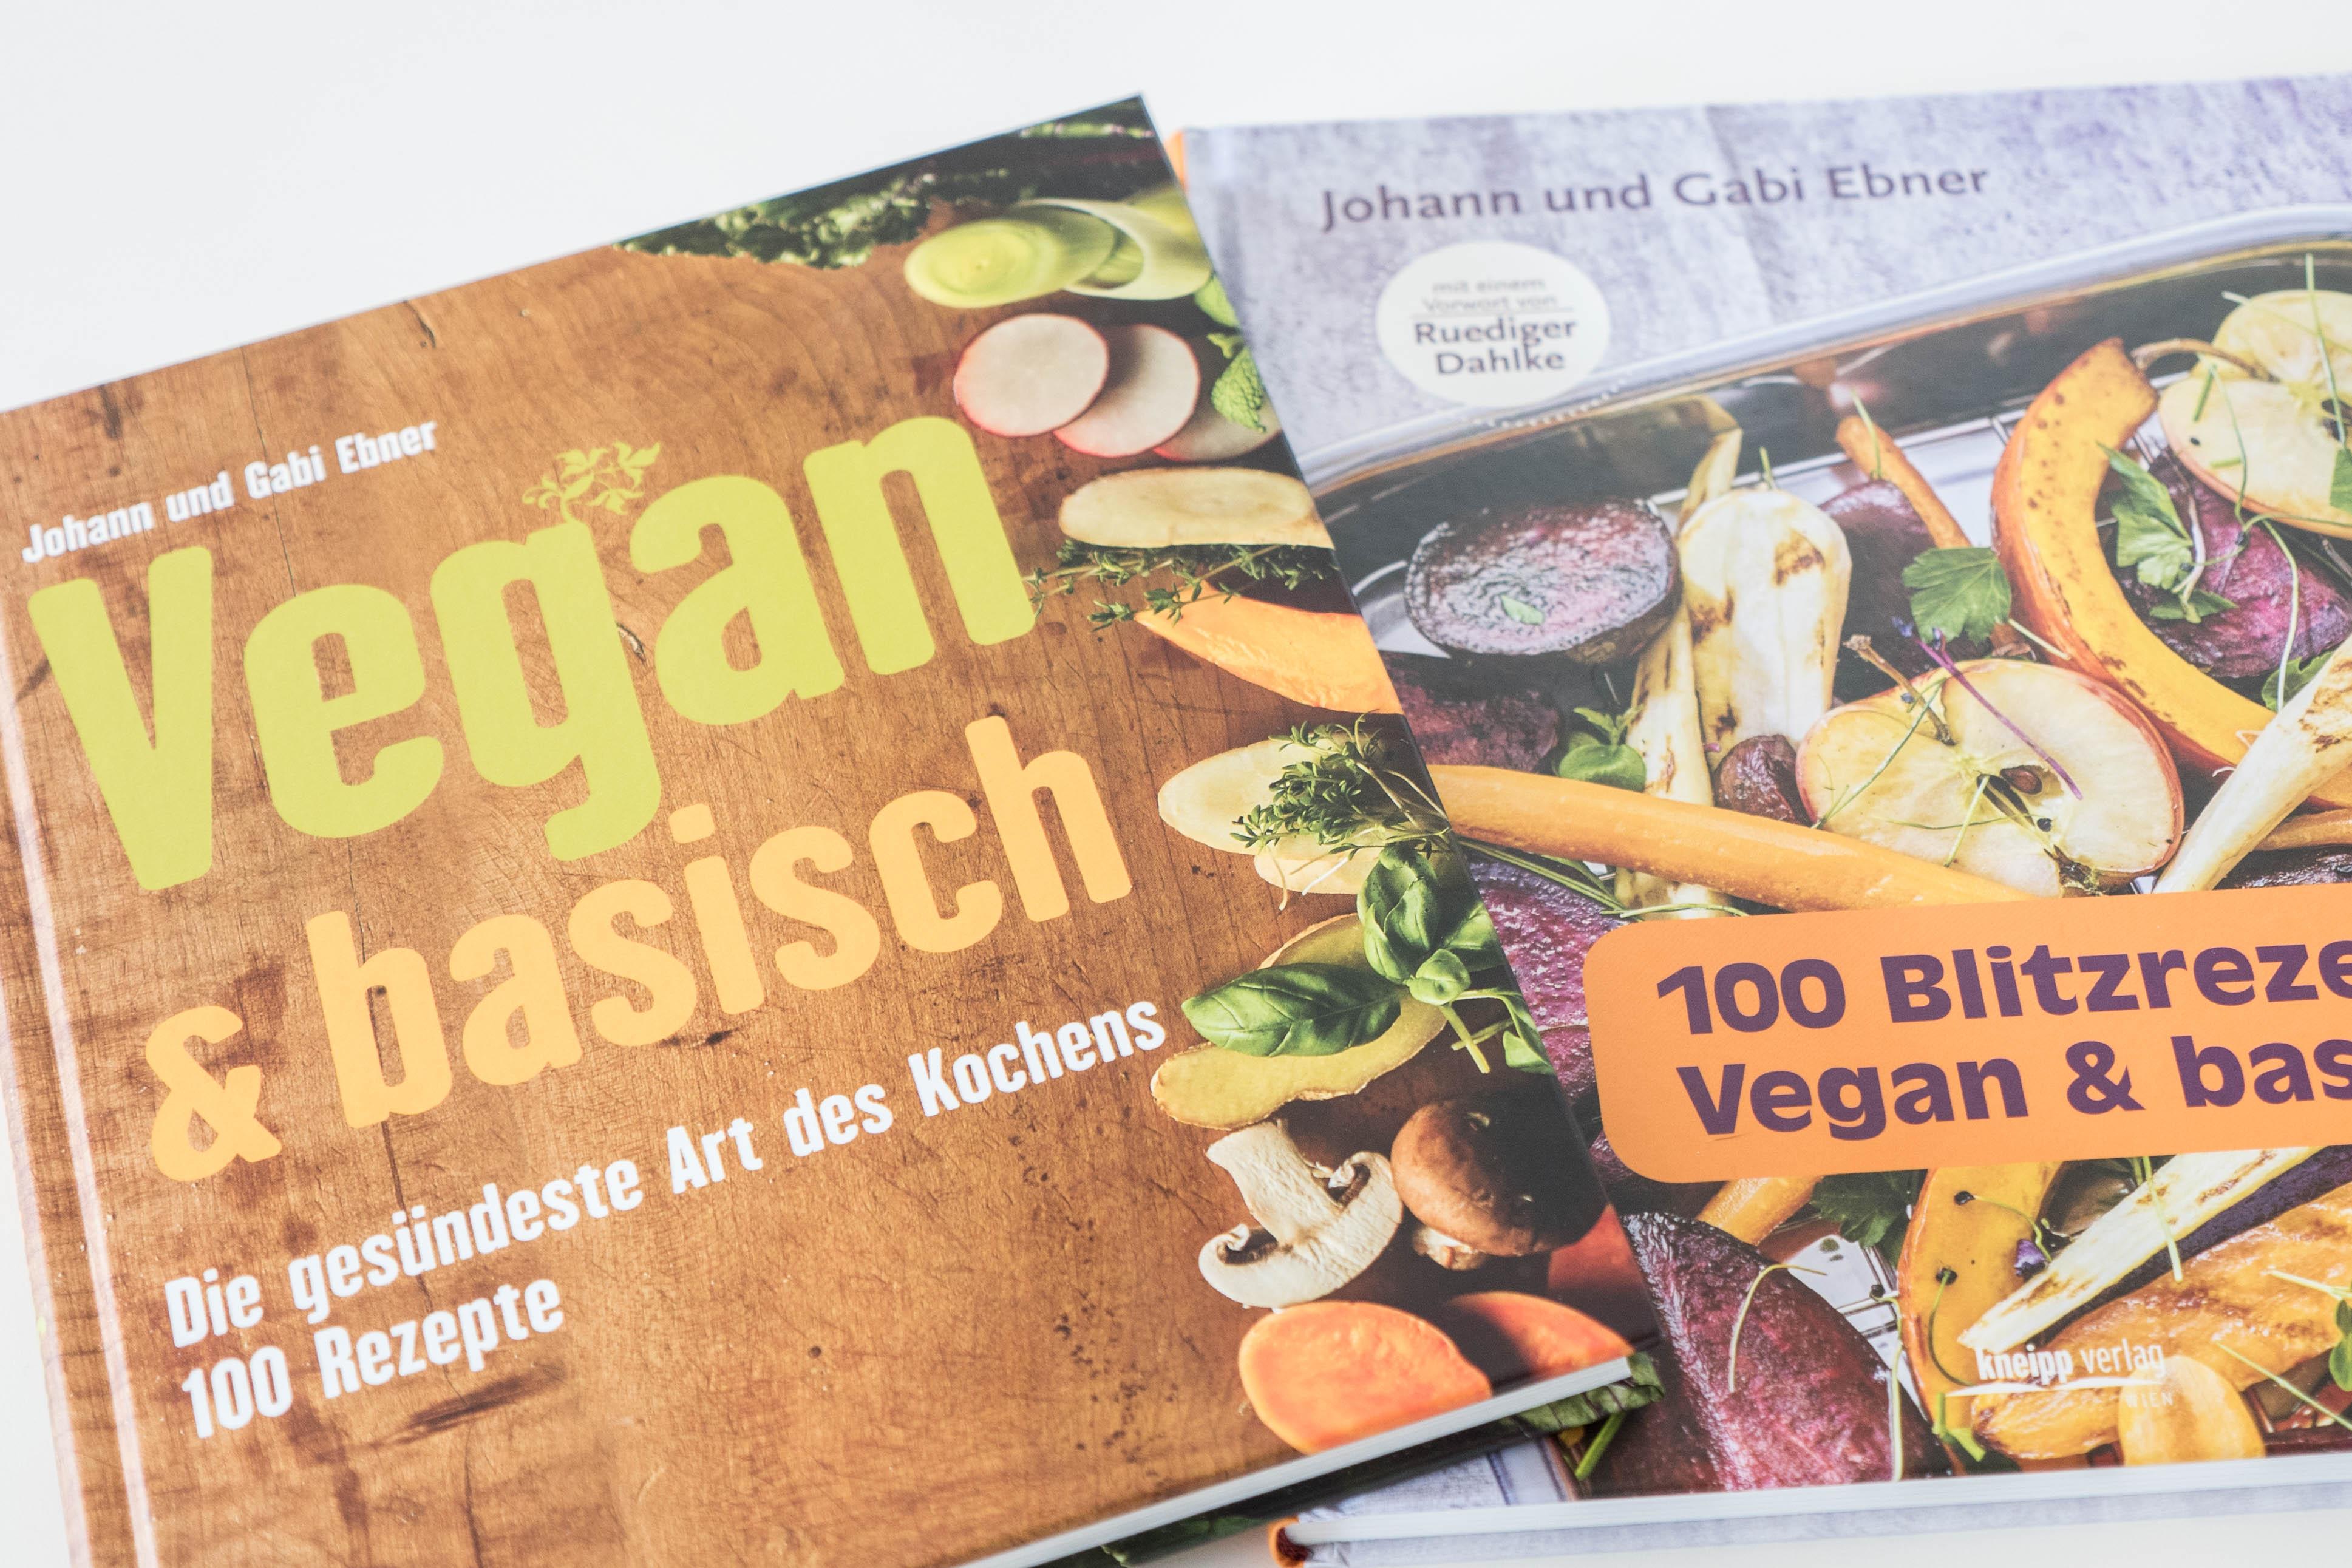 Vegan & Basisch Johann Ebner